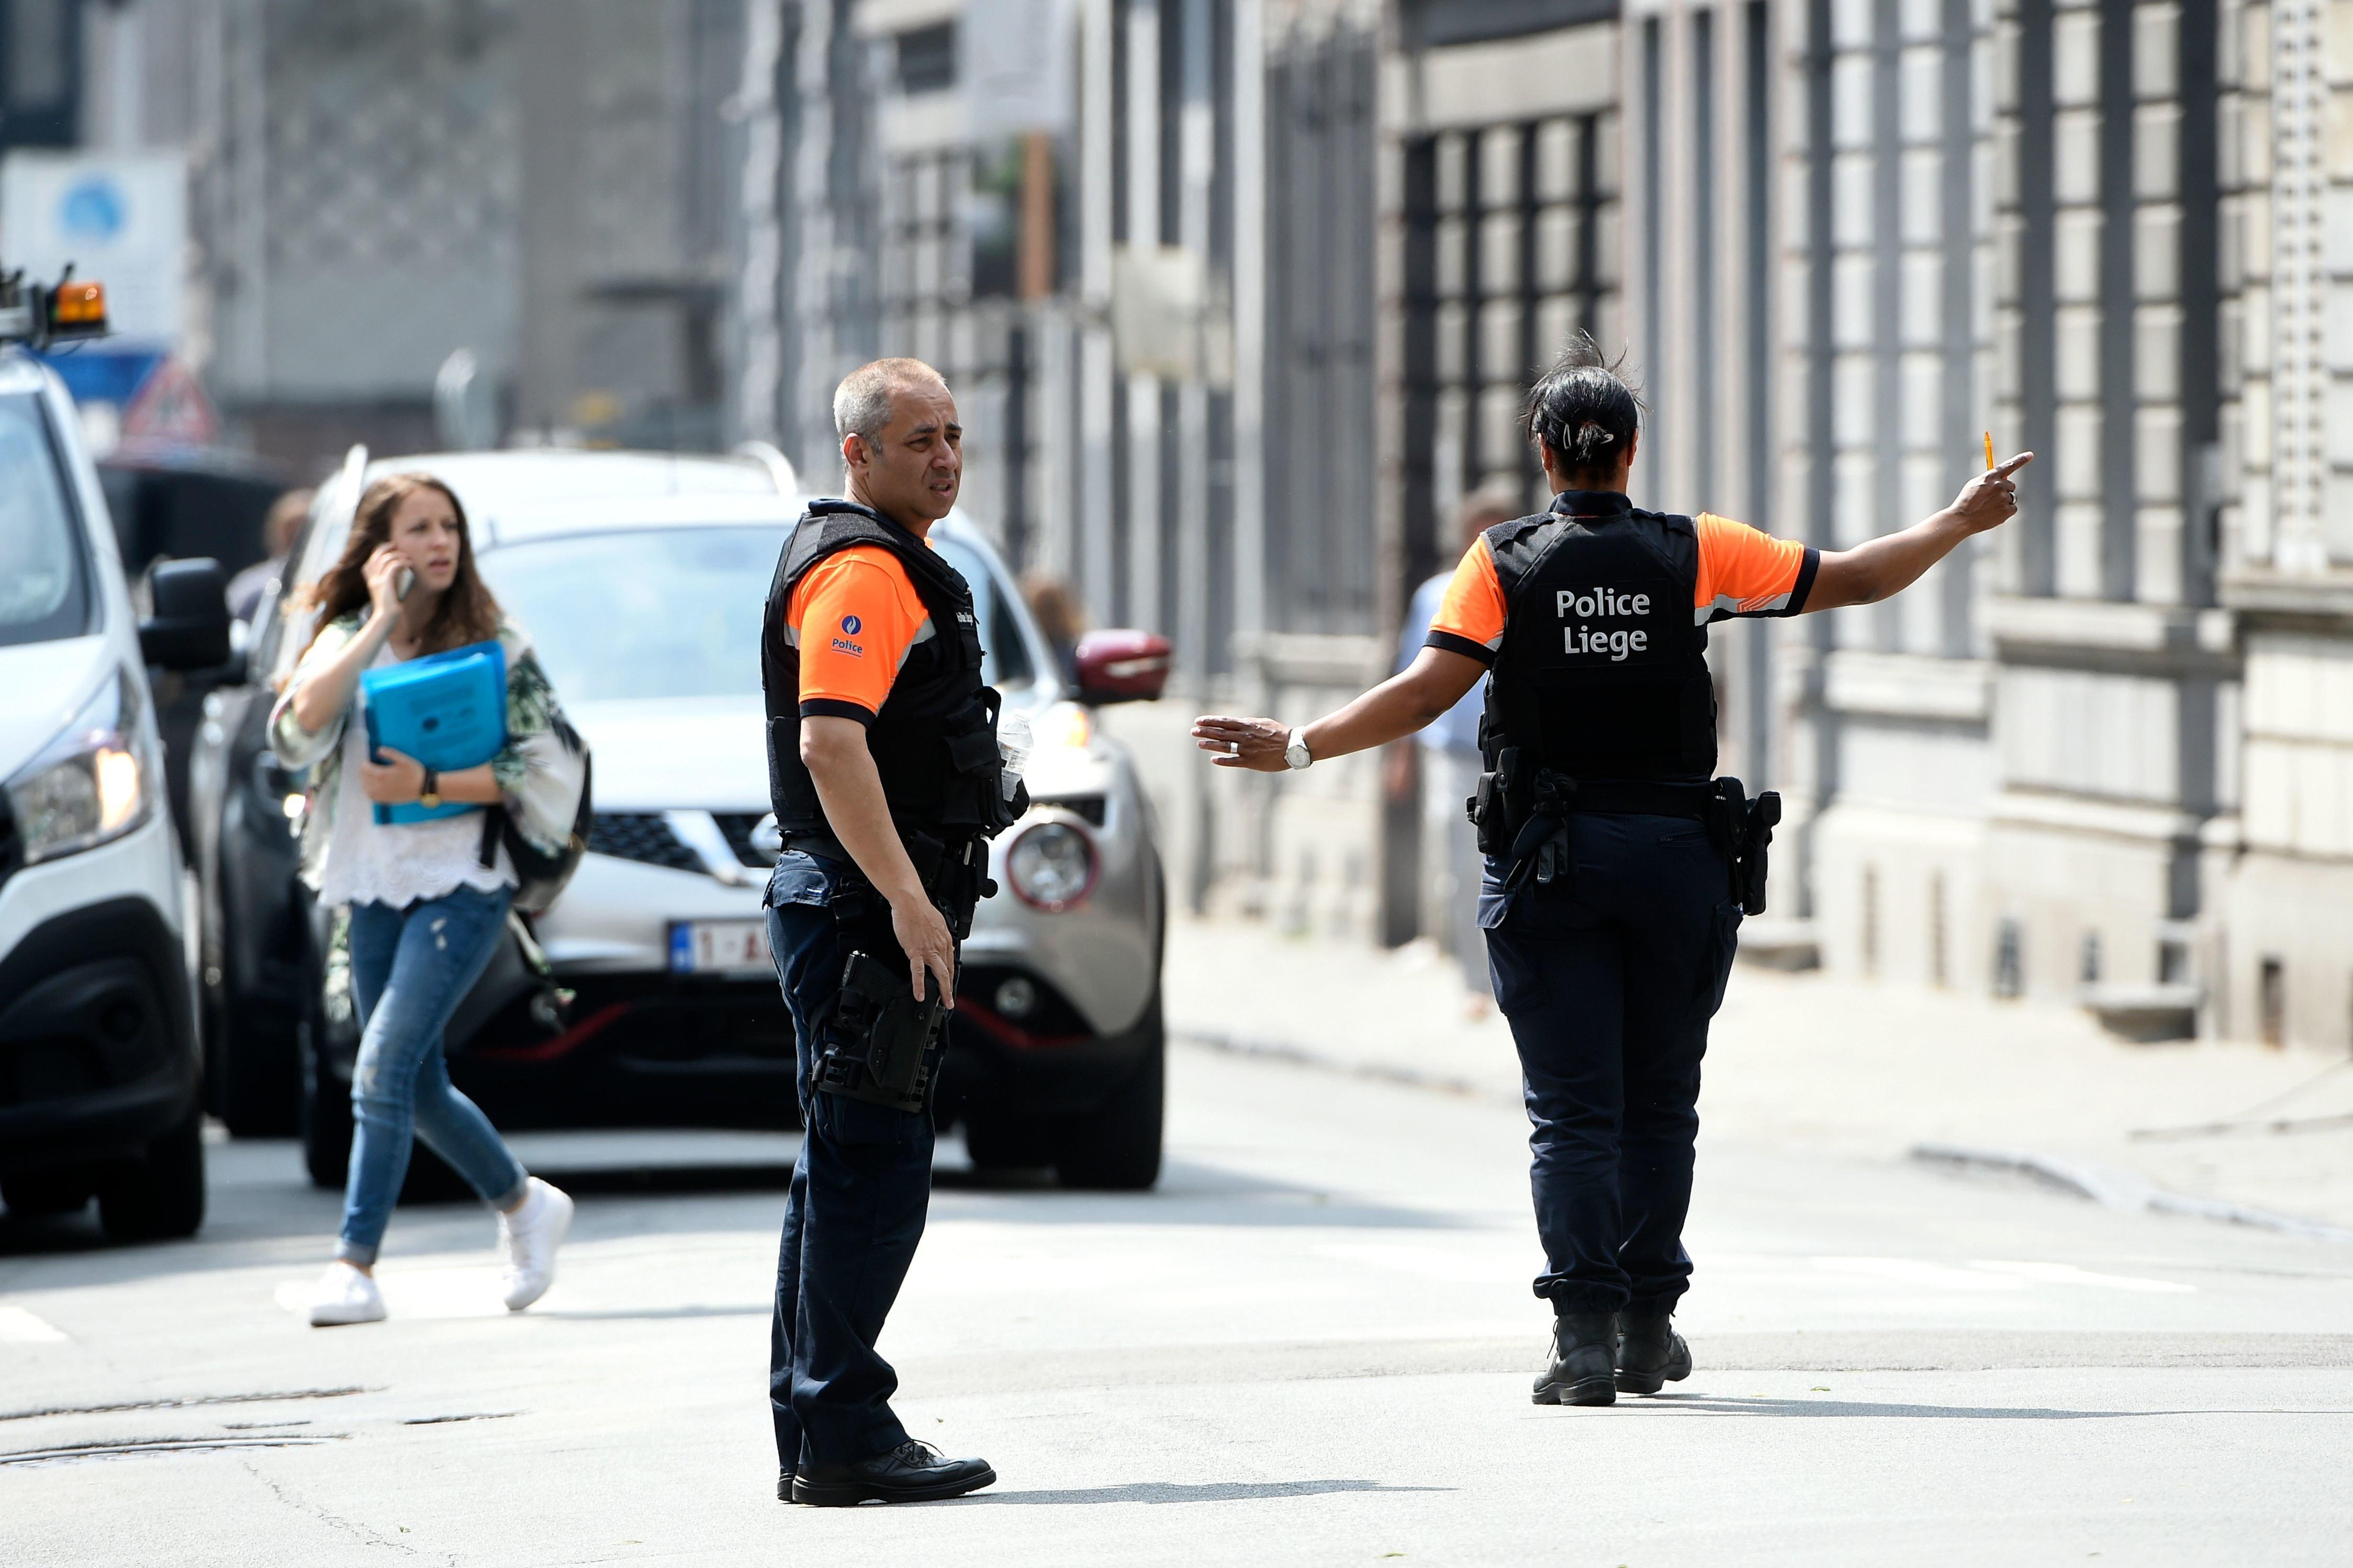 4 morts dans une fusillade près d'un lycée à Liège, dont l'assaillant